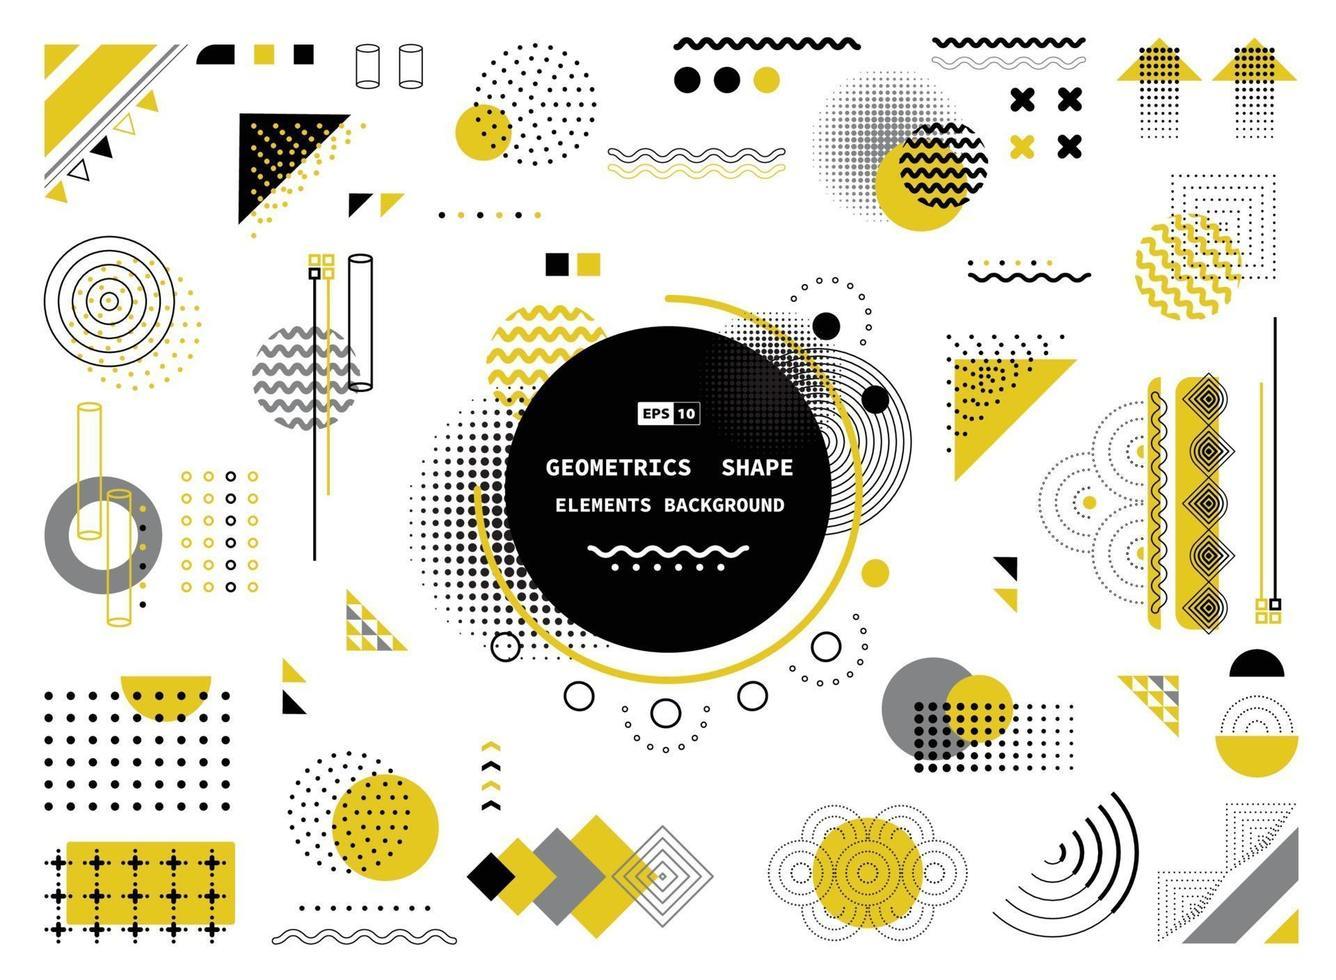 abstrakt gul grå och svart geometrisk form av moderna element täcker design. illustration vektor eps10